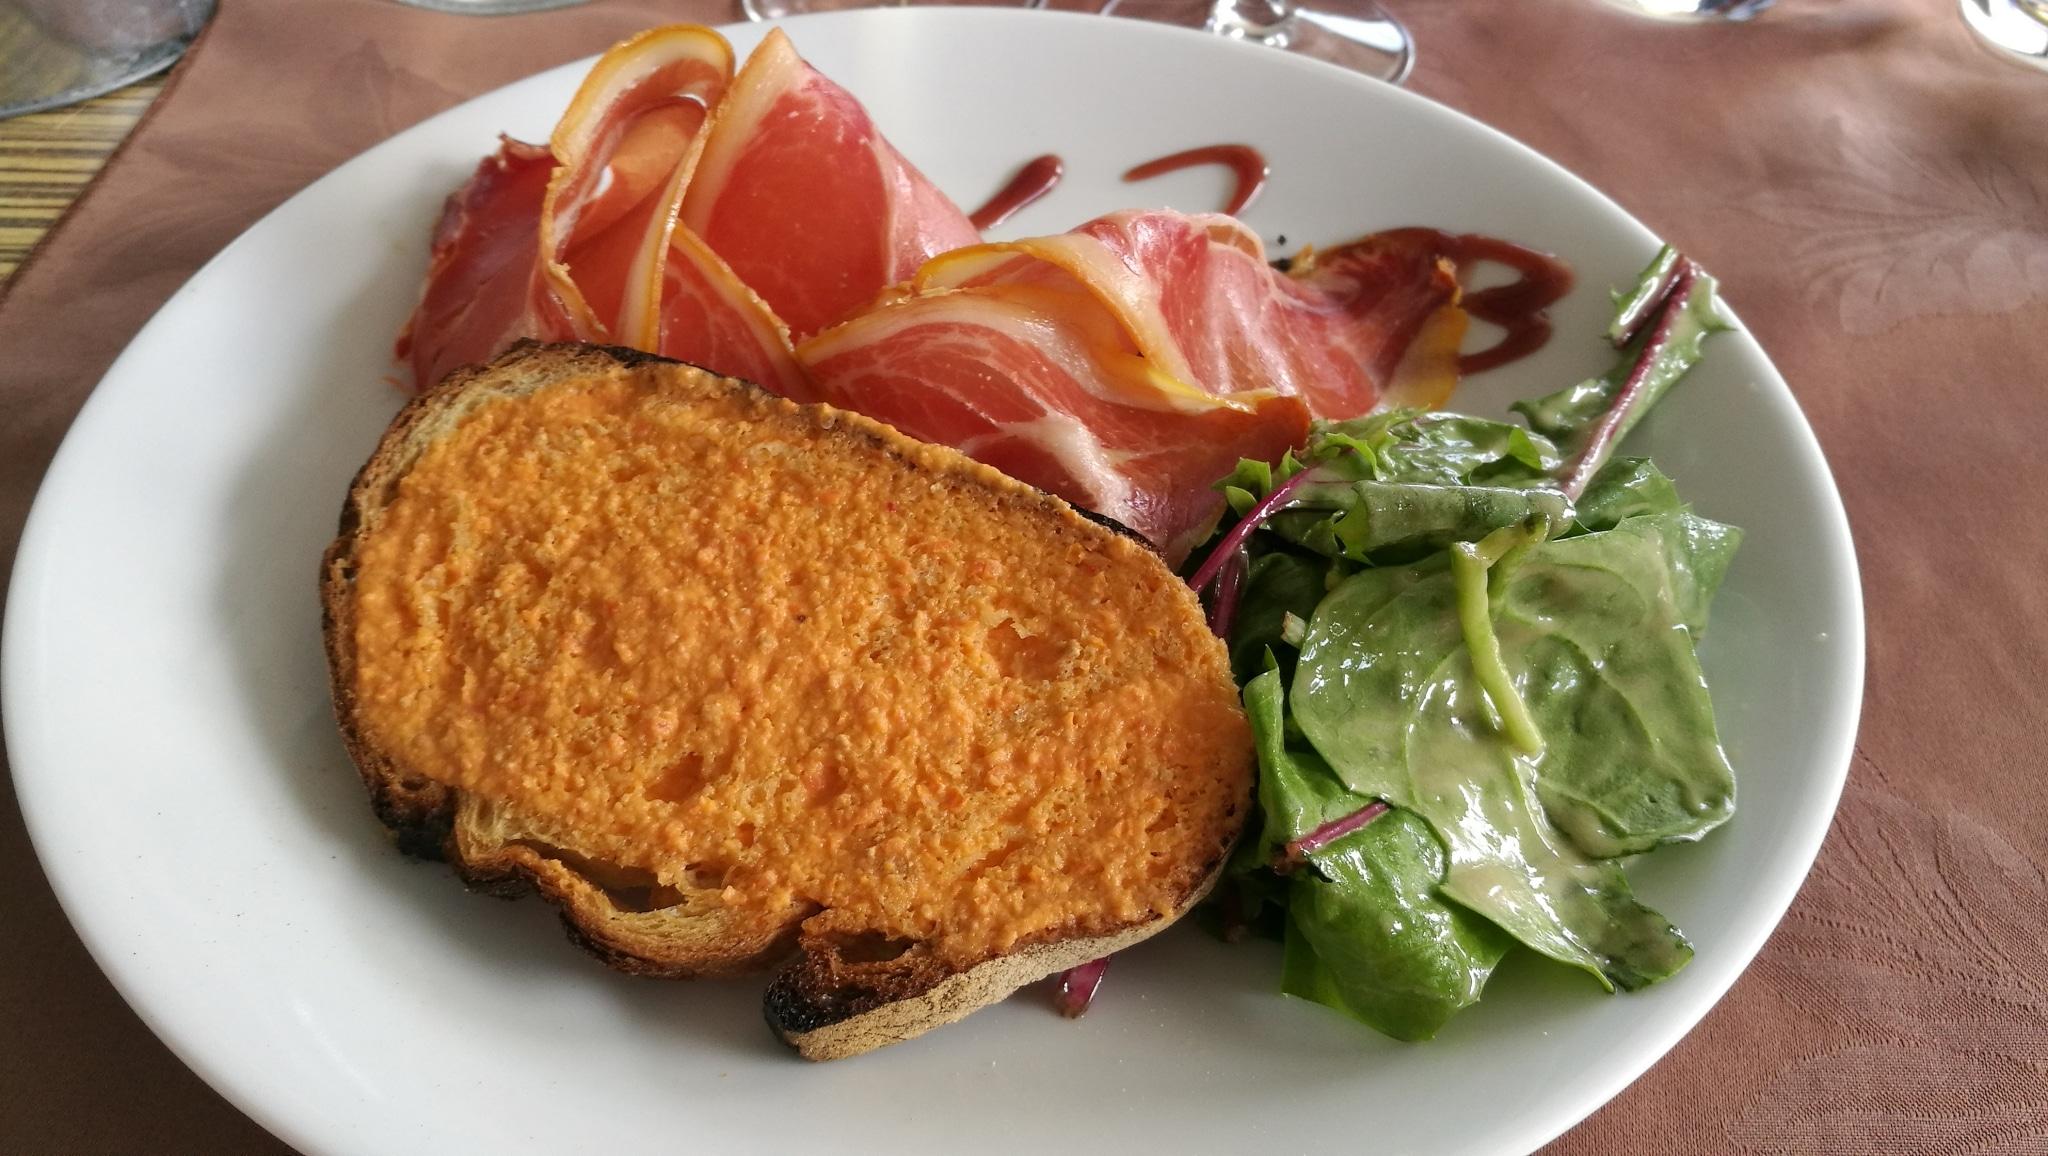 jambon serrano et pan con tomate